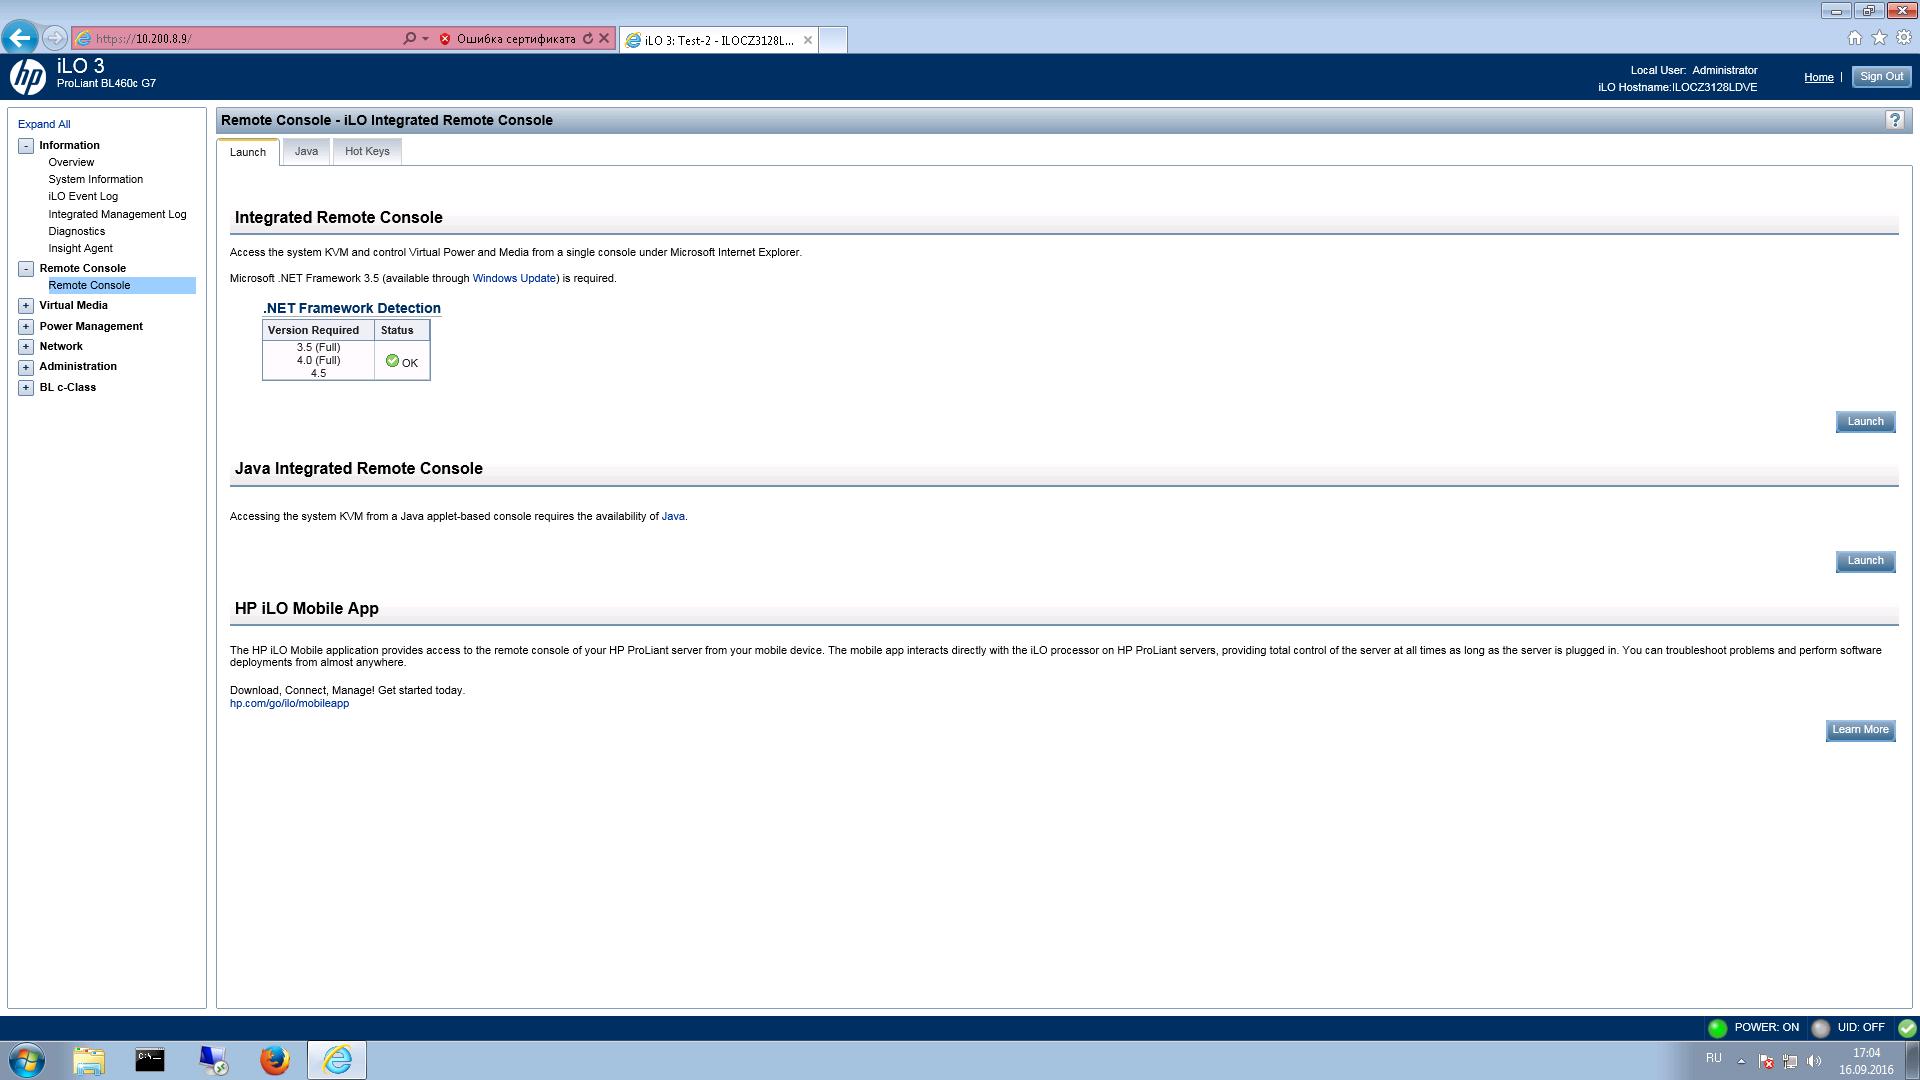 Установка операционной системы на серверах HP с помощью HP ILO 3 на